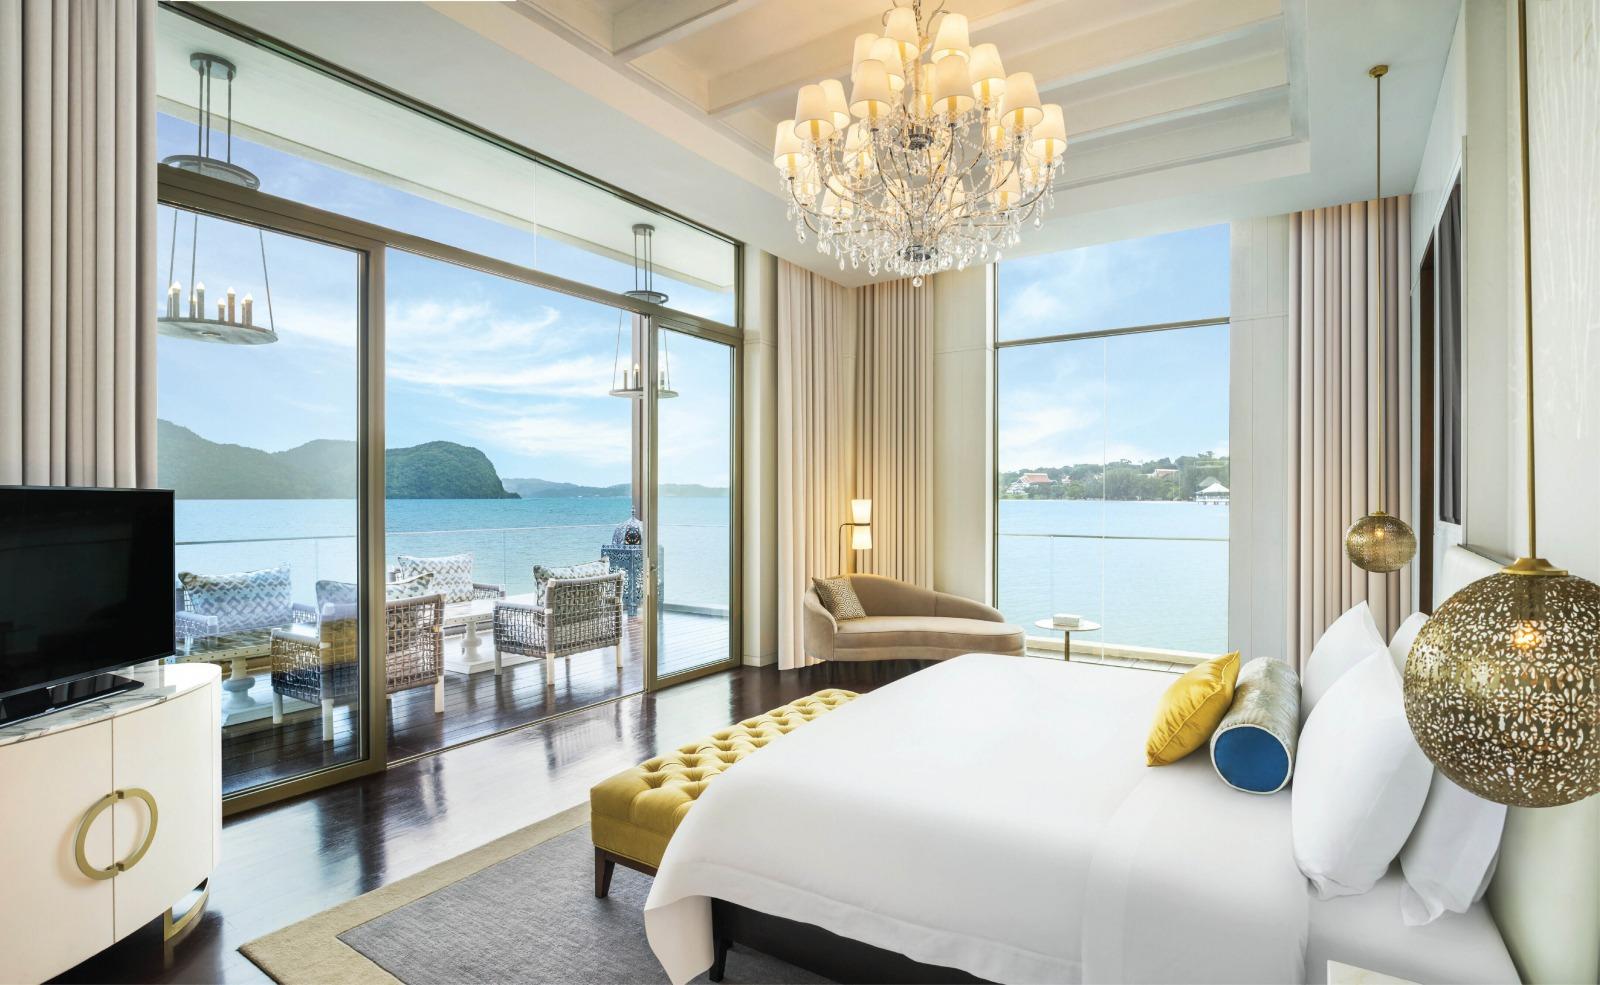 Sunset Royal Villa Master Bedroom at The St. Regis Langkawi